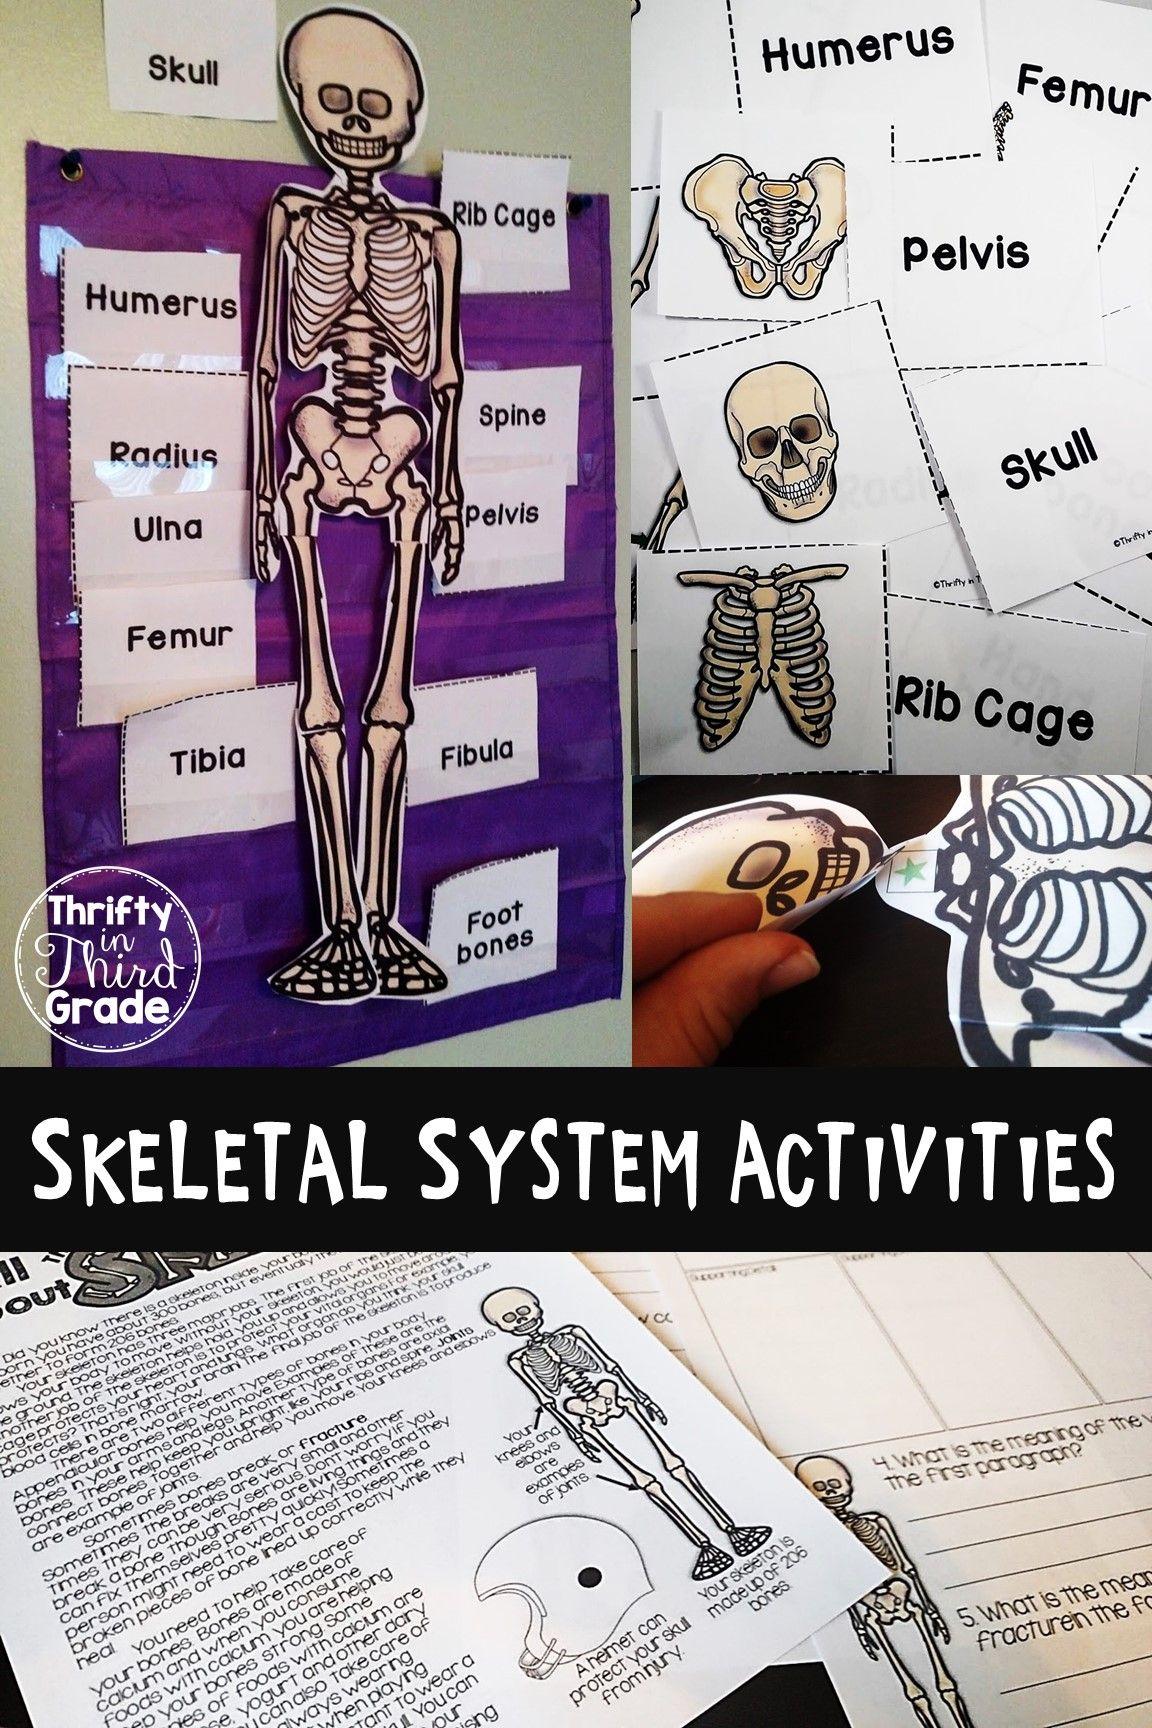 Skeletal System Activities